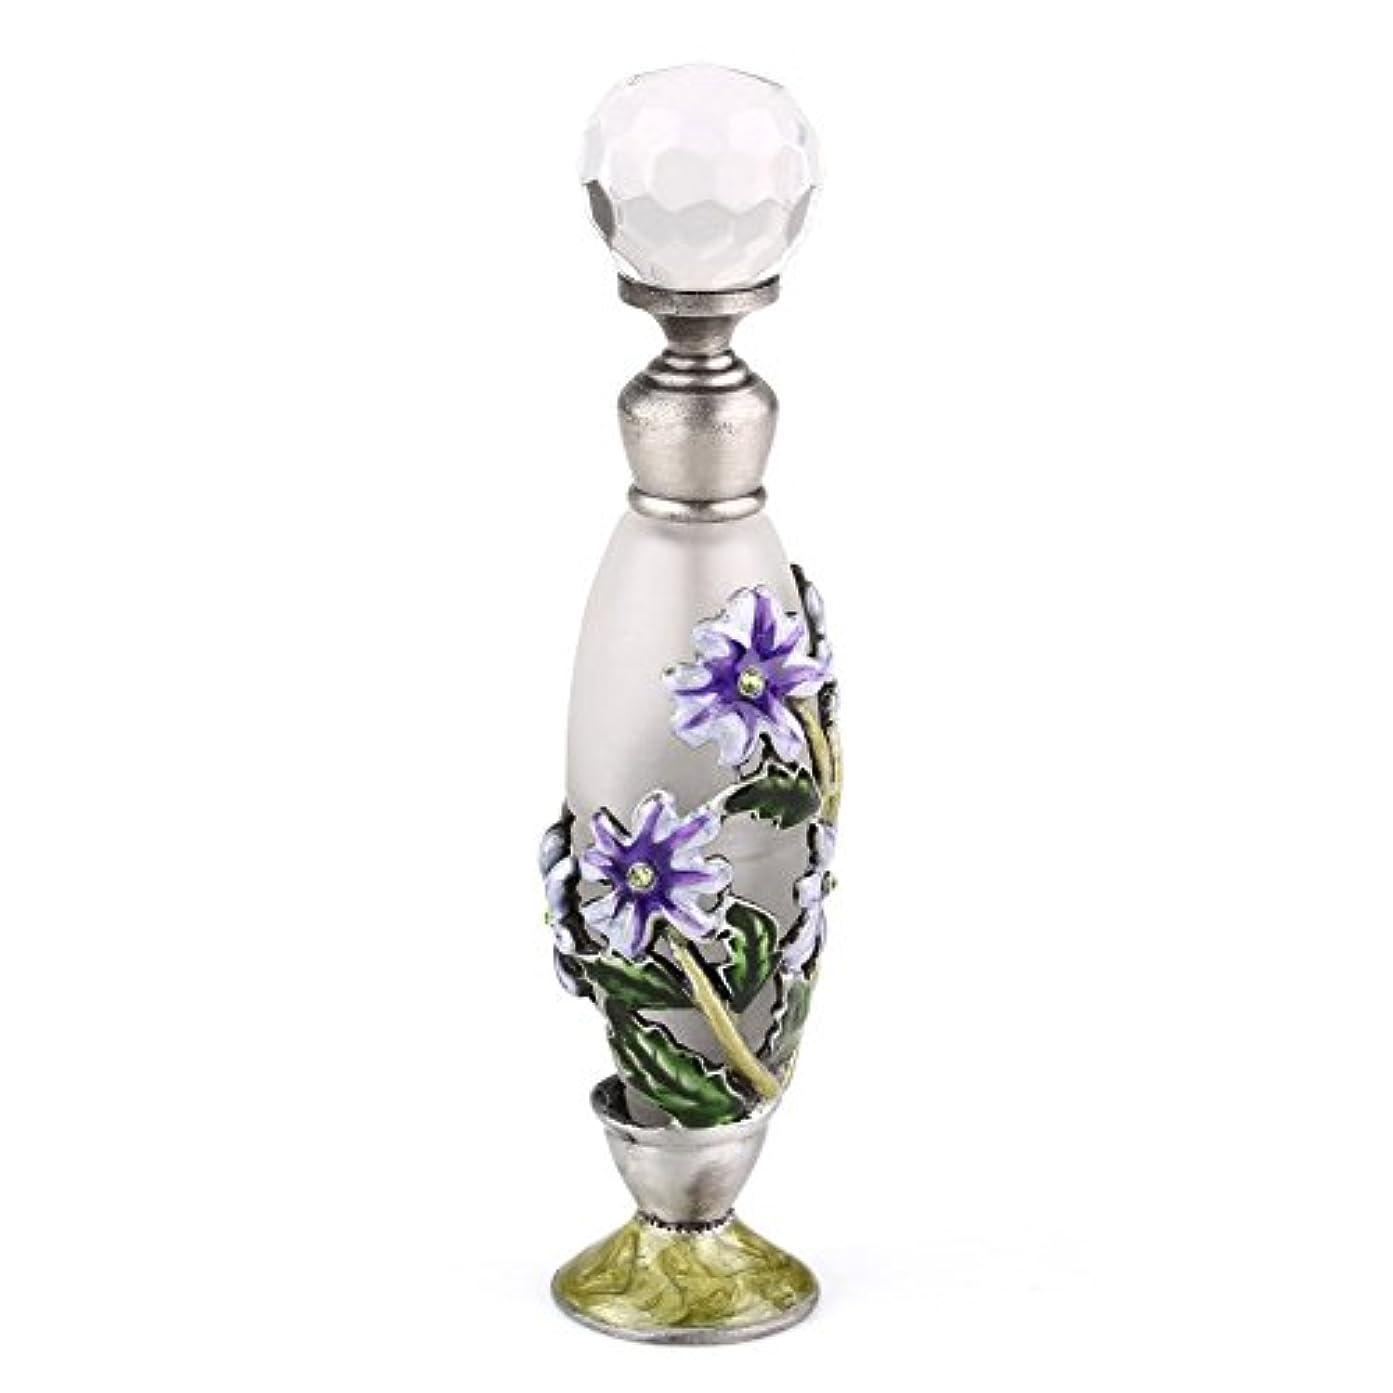 肺なかなか元気高品質 美しい香水瓶 7ML 小型ガラスアロマボトル フラワー 綺麗アンティーク調欧風デザイン プレゼント 結婚式 飾り